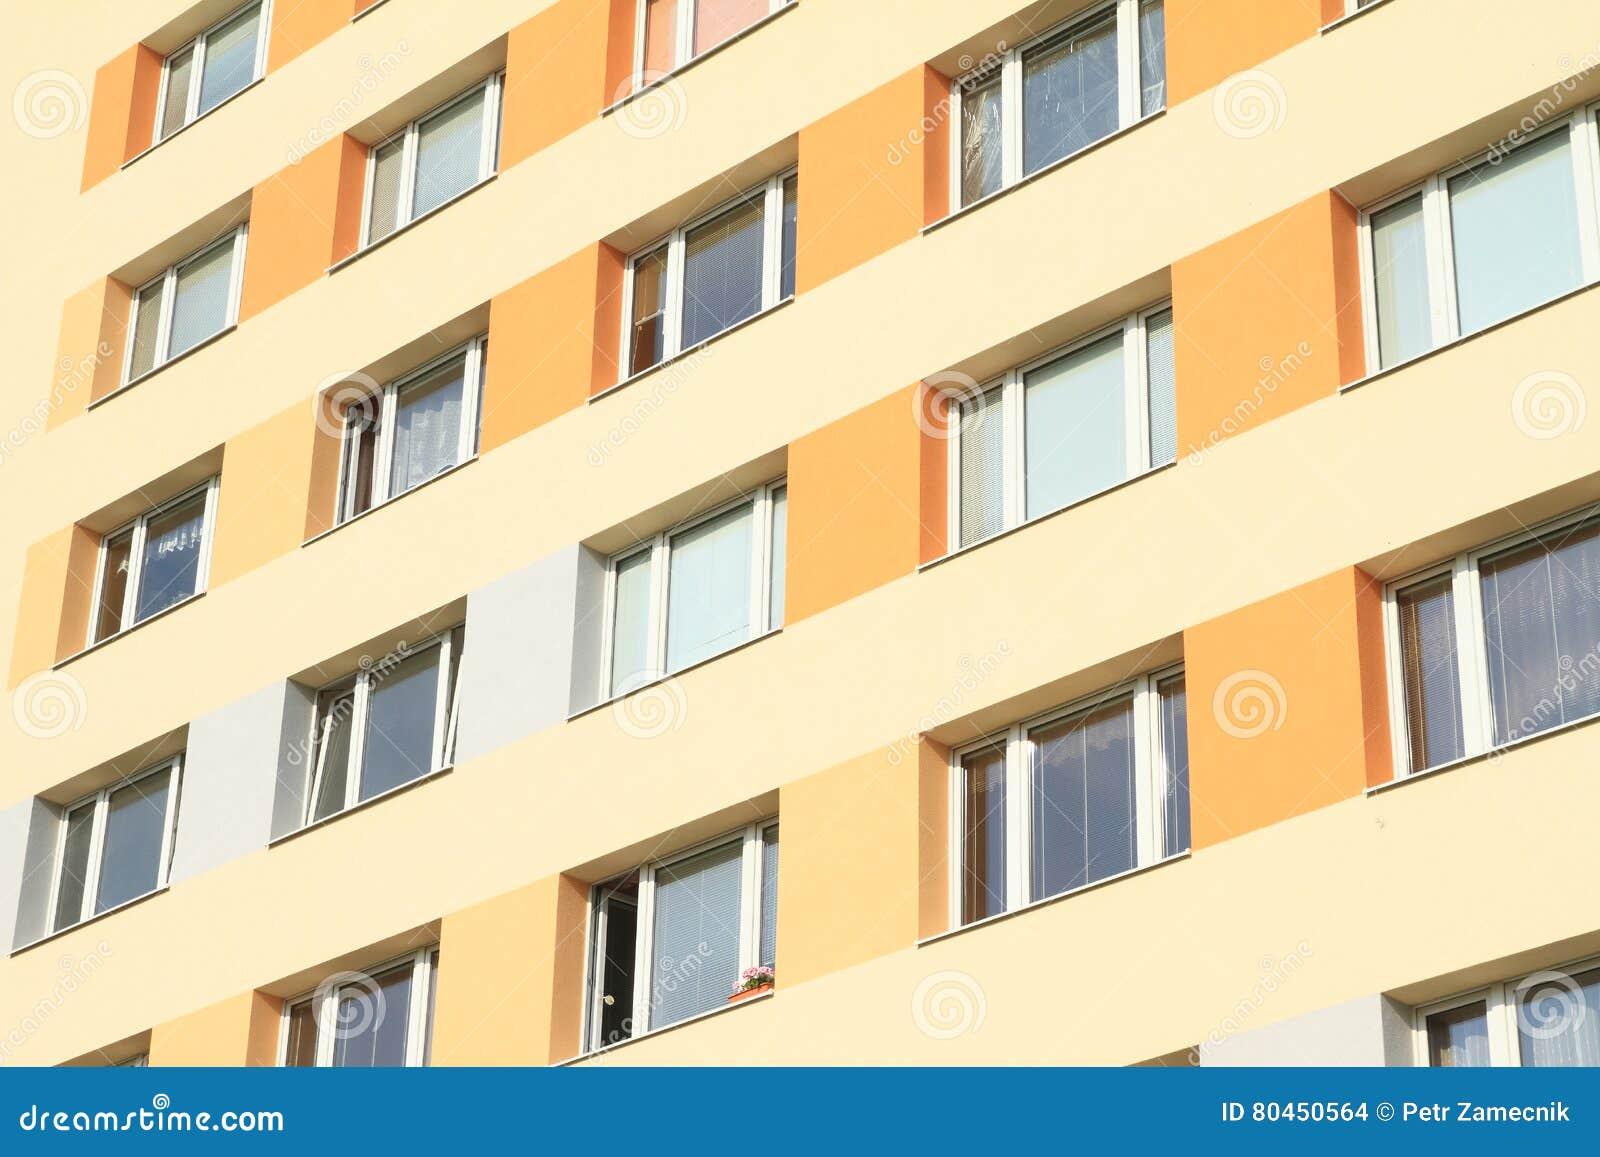 Fertighaus Stockfoto Bild Von Gelb Gebaude Tschechisch 80450564